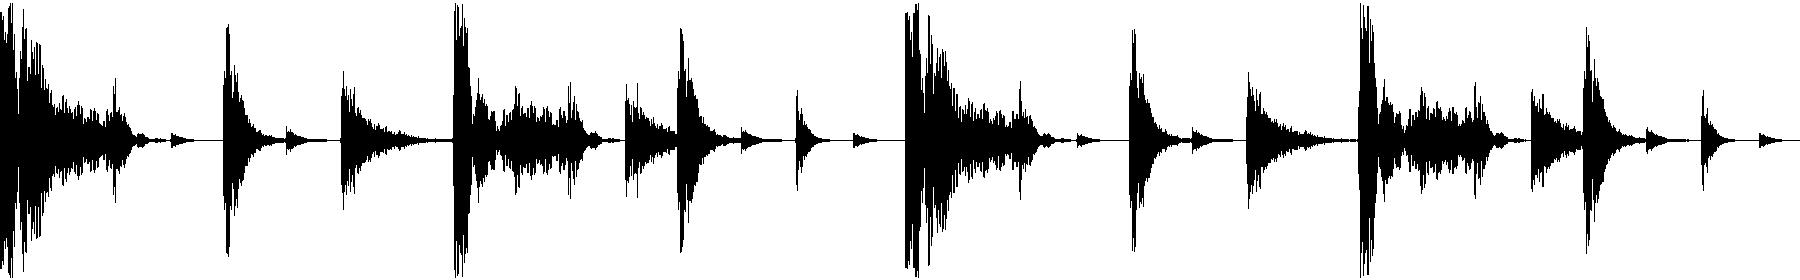 blbc electrodrums 95 02